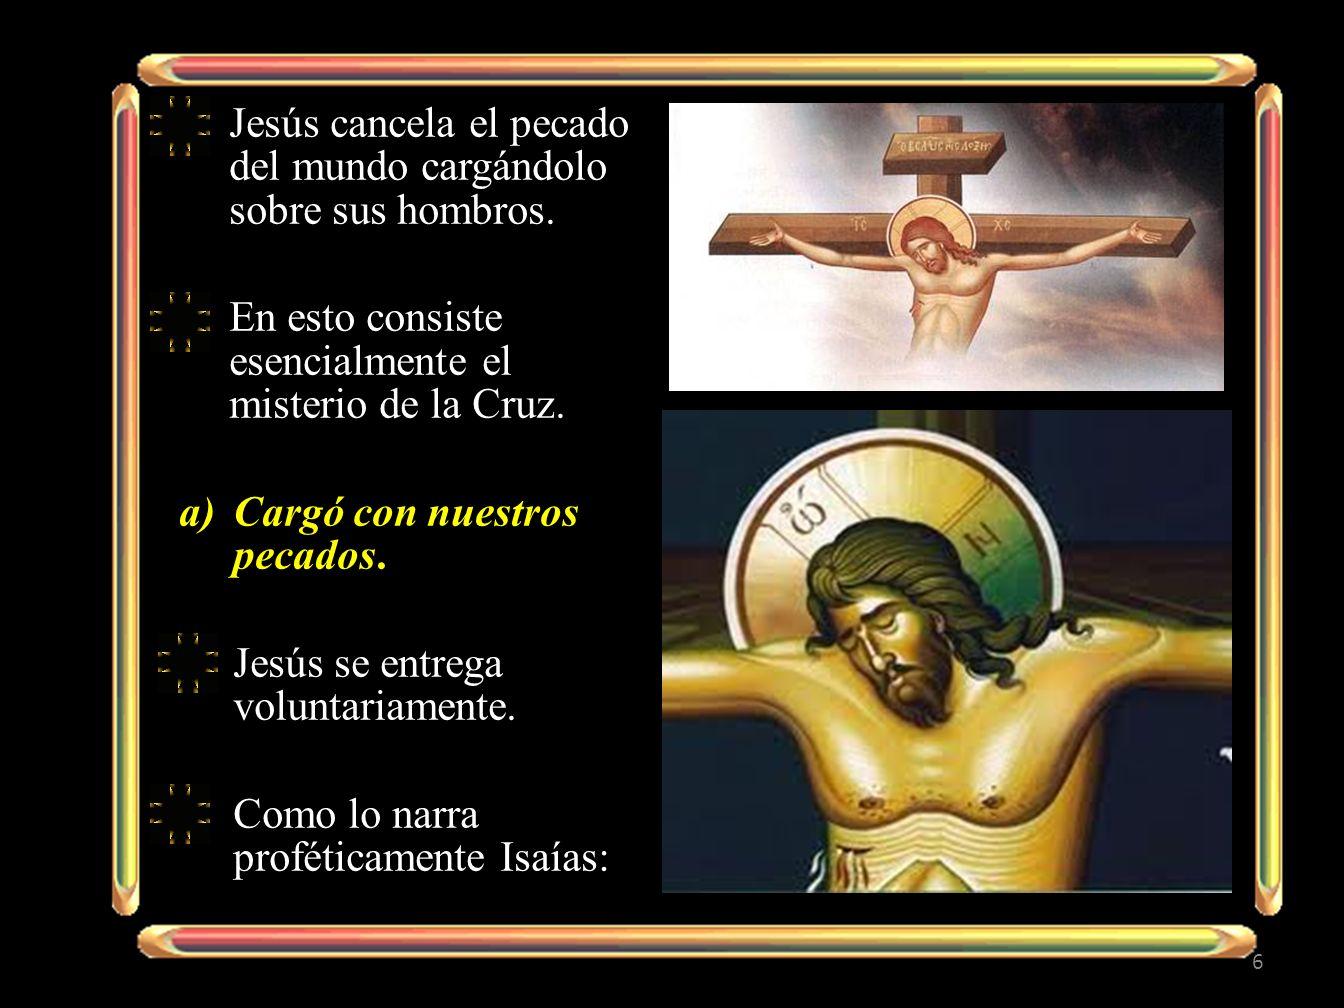 Jesús cancela el pecado del mundo cargándolo sobre sus hombros.